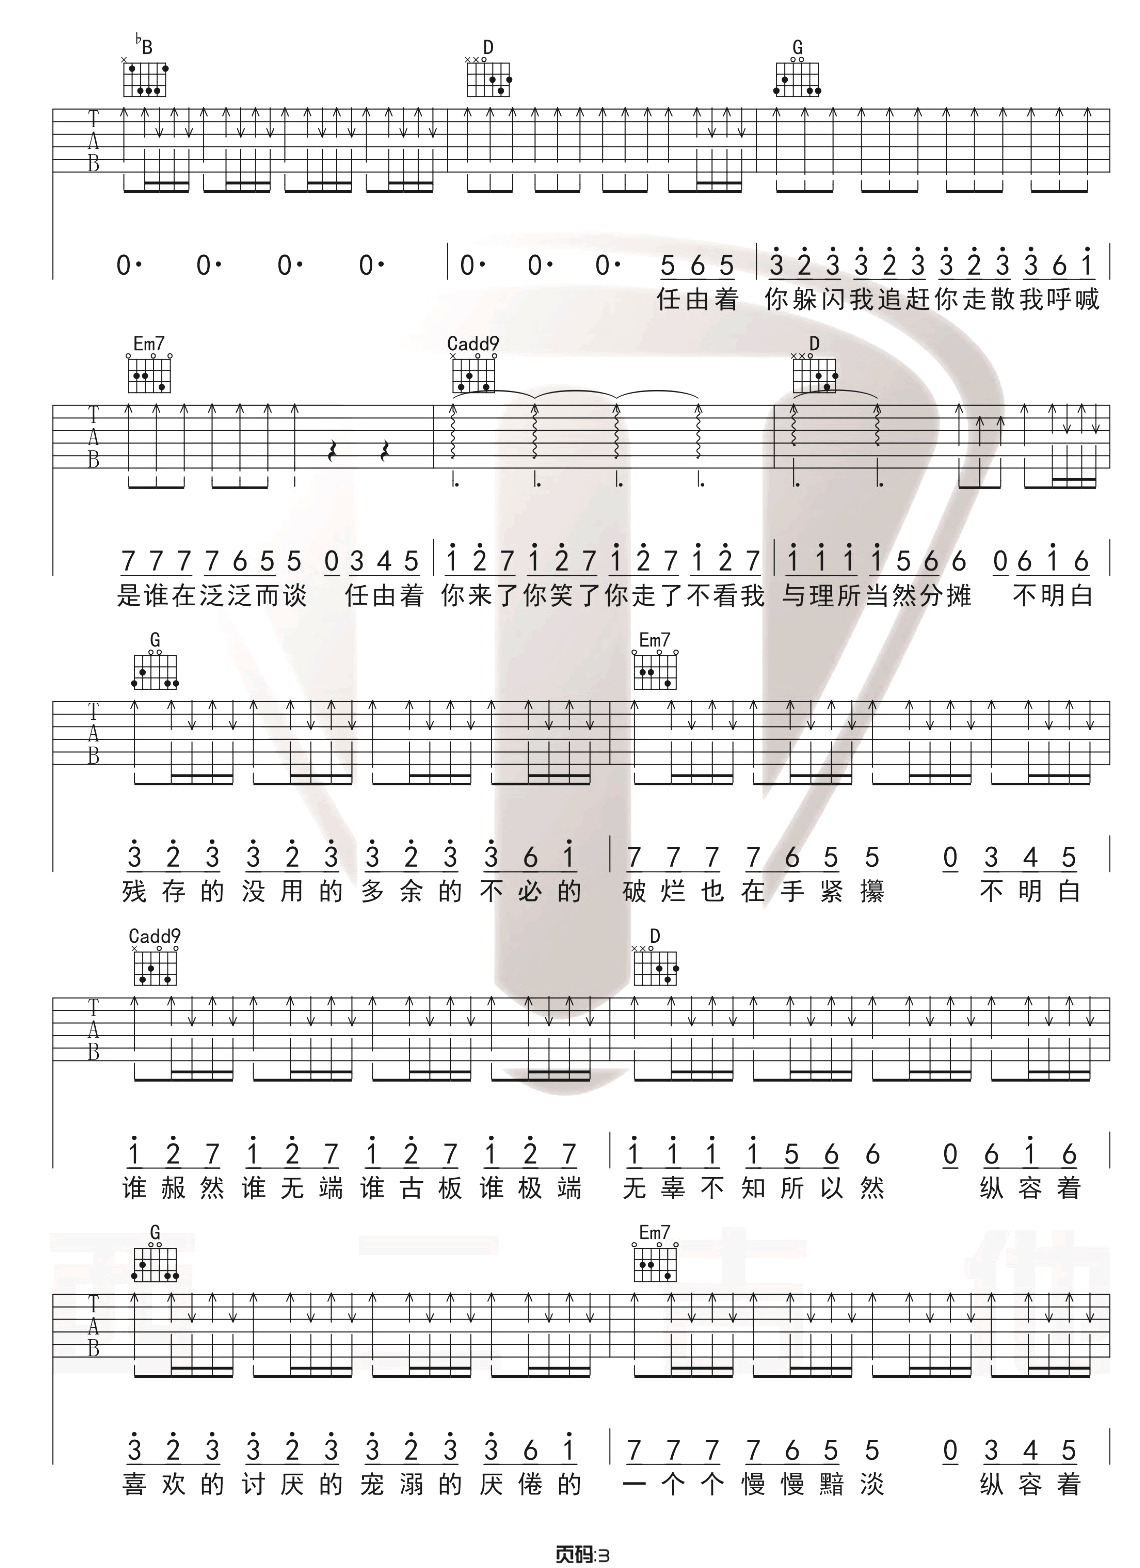 小半吉他谱_陈粒_小半G调原版吉他弹唱六线谱_高清图片谱3